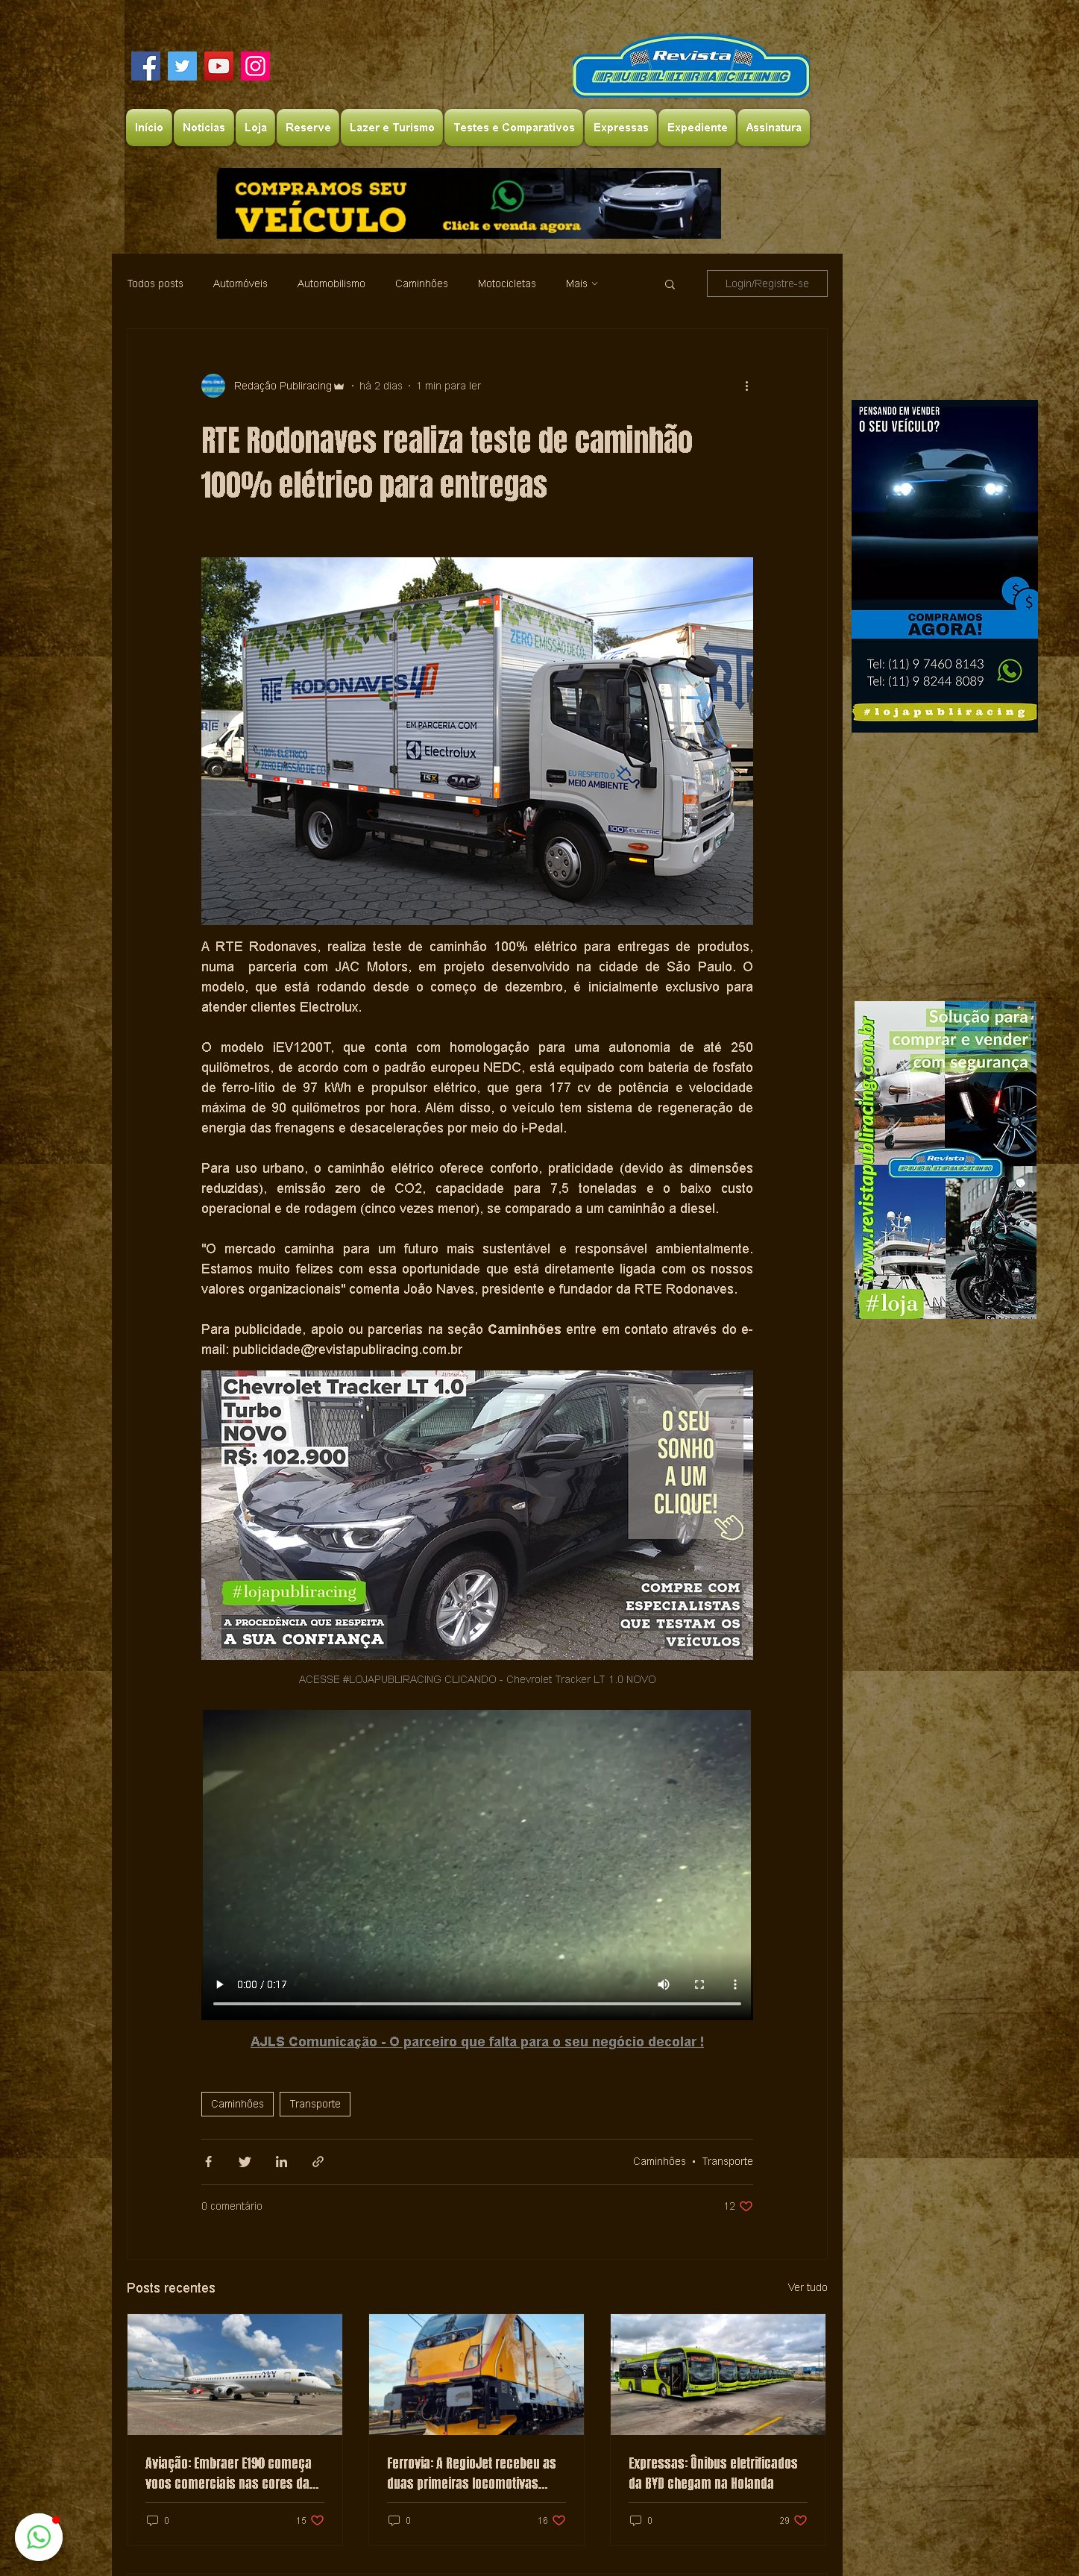 RTE Rodonaves realiza teste de caminhão 100% elétrico para entregas - Revista Publiracing